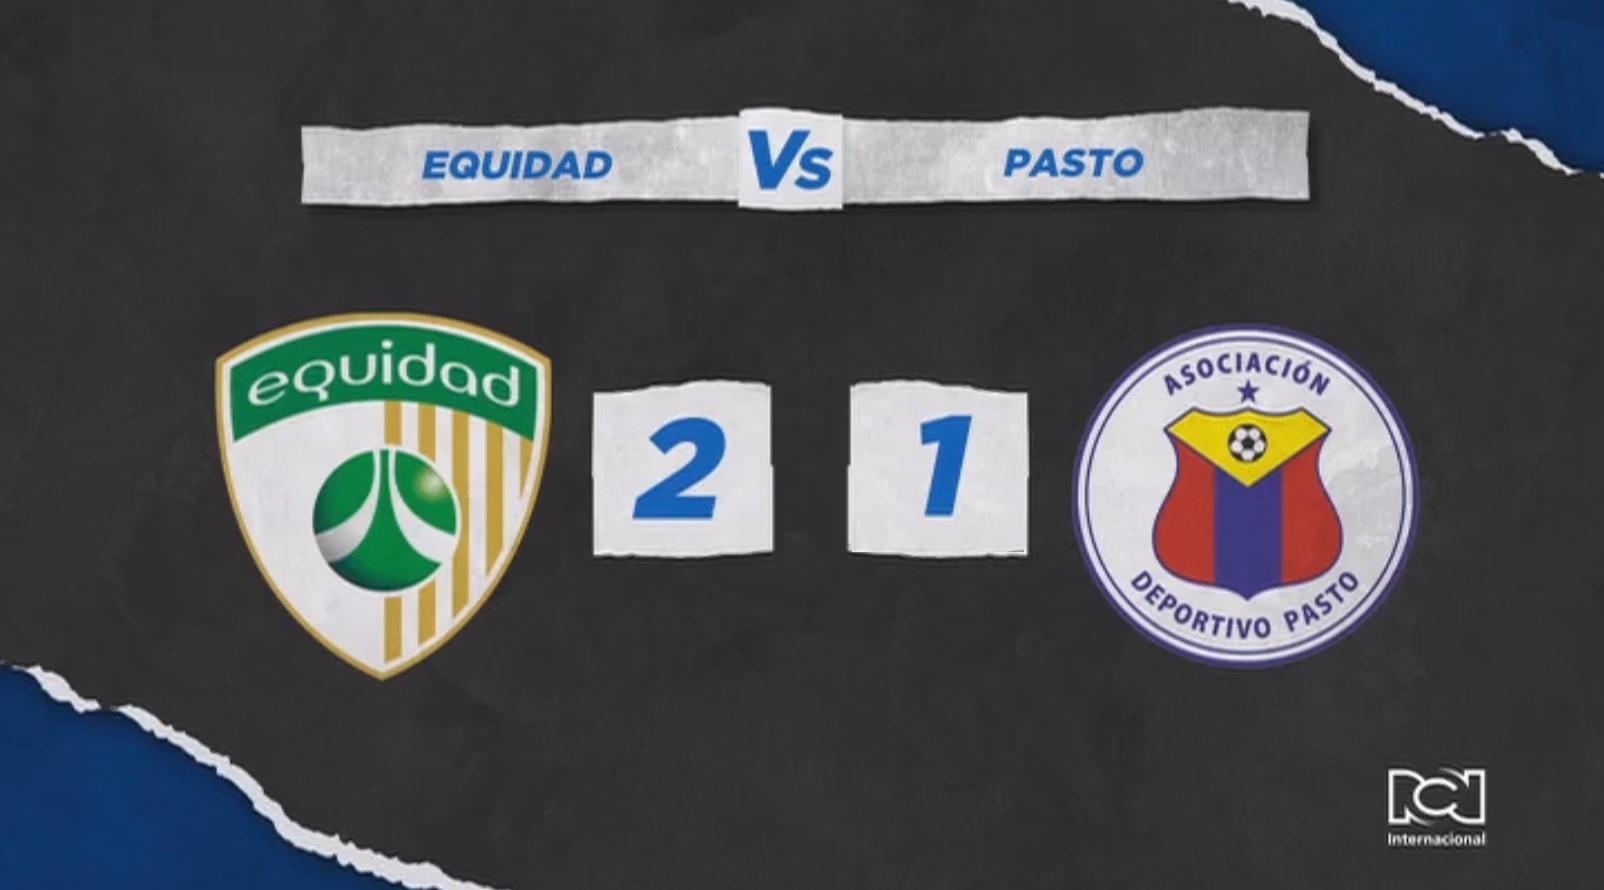 La Equidad le quitó el invitó al Deportivo Pasto al derrotarlo en la capital nariñense